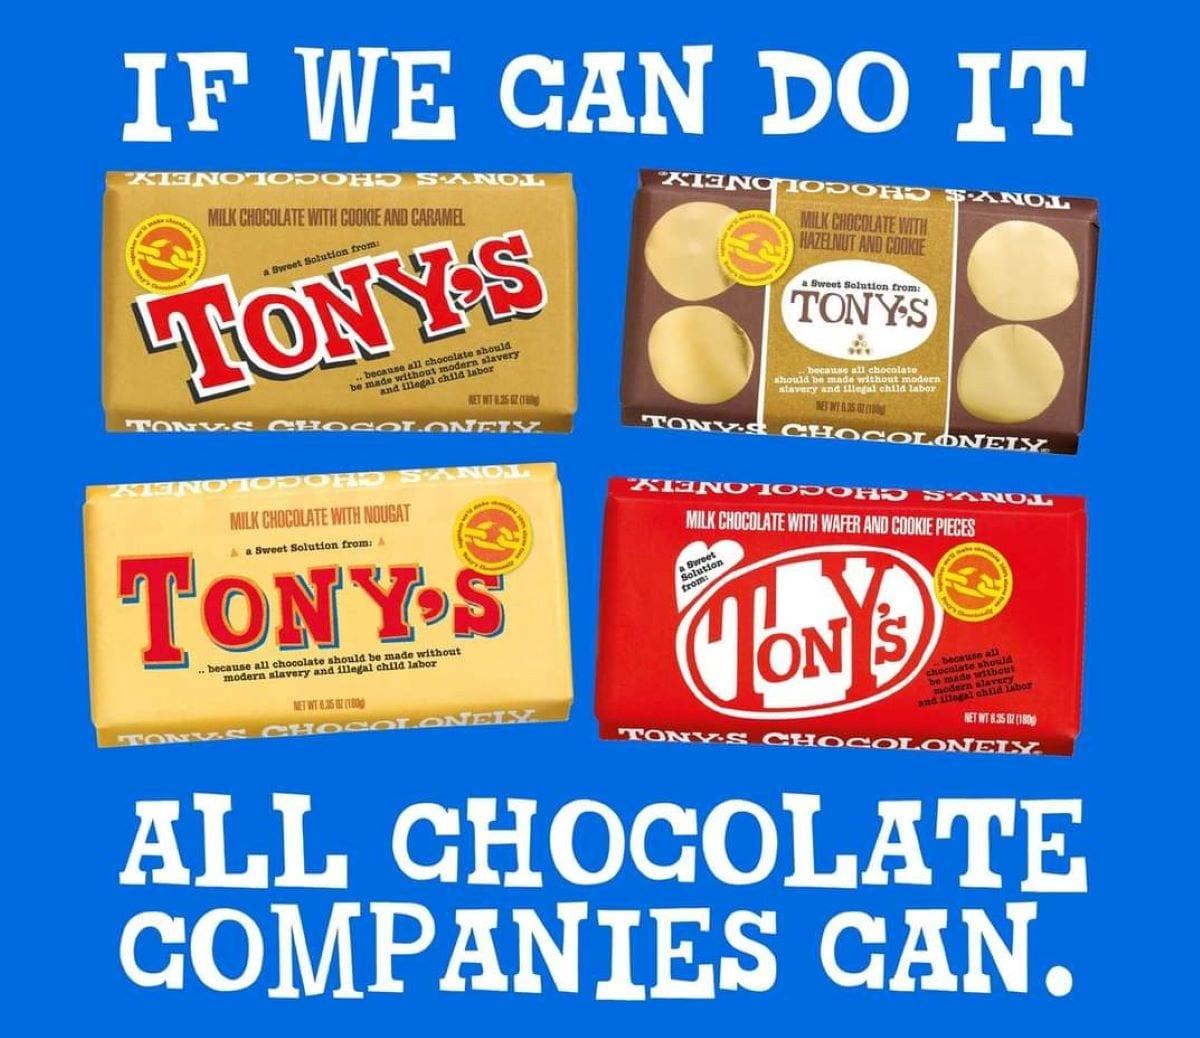 Tony's